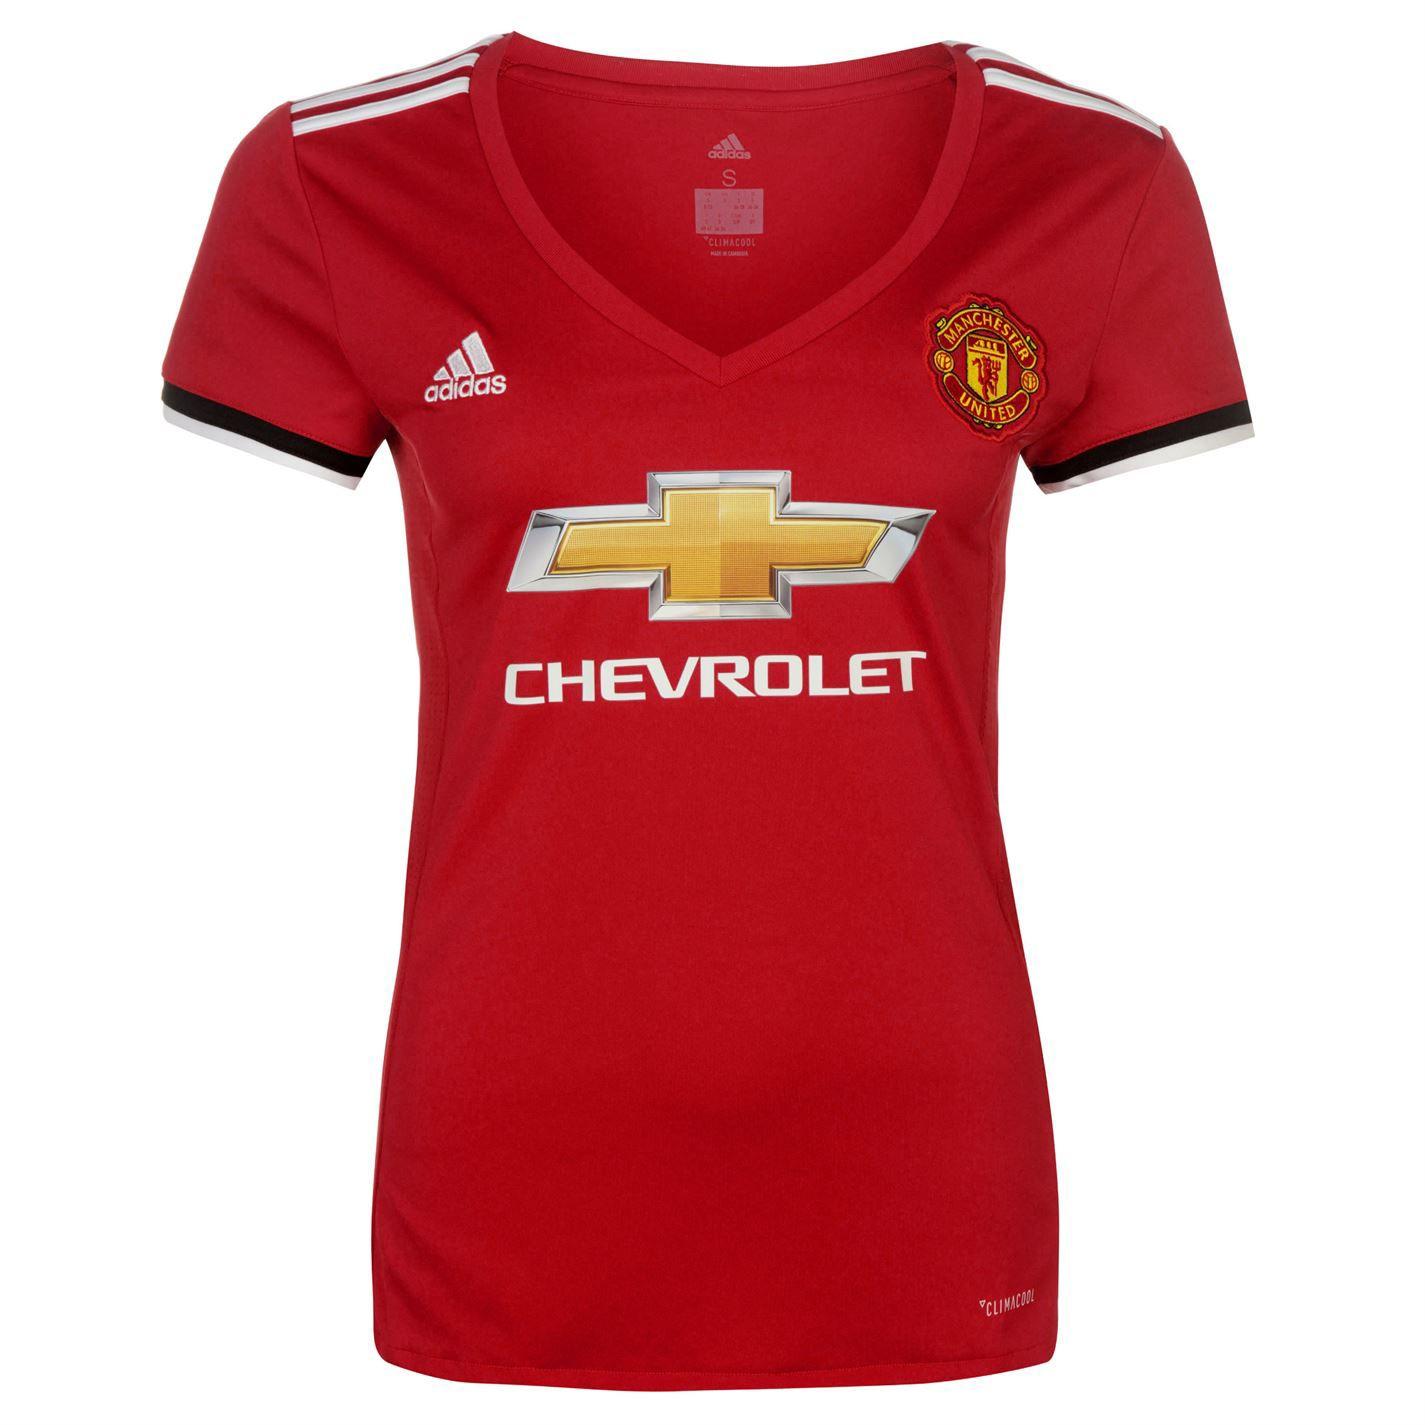 Sélection de Maillots de Football Adidas Manchester United en Promotion - Ex: Home 2017-2018 pour Femmes (Taille XL)